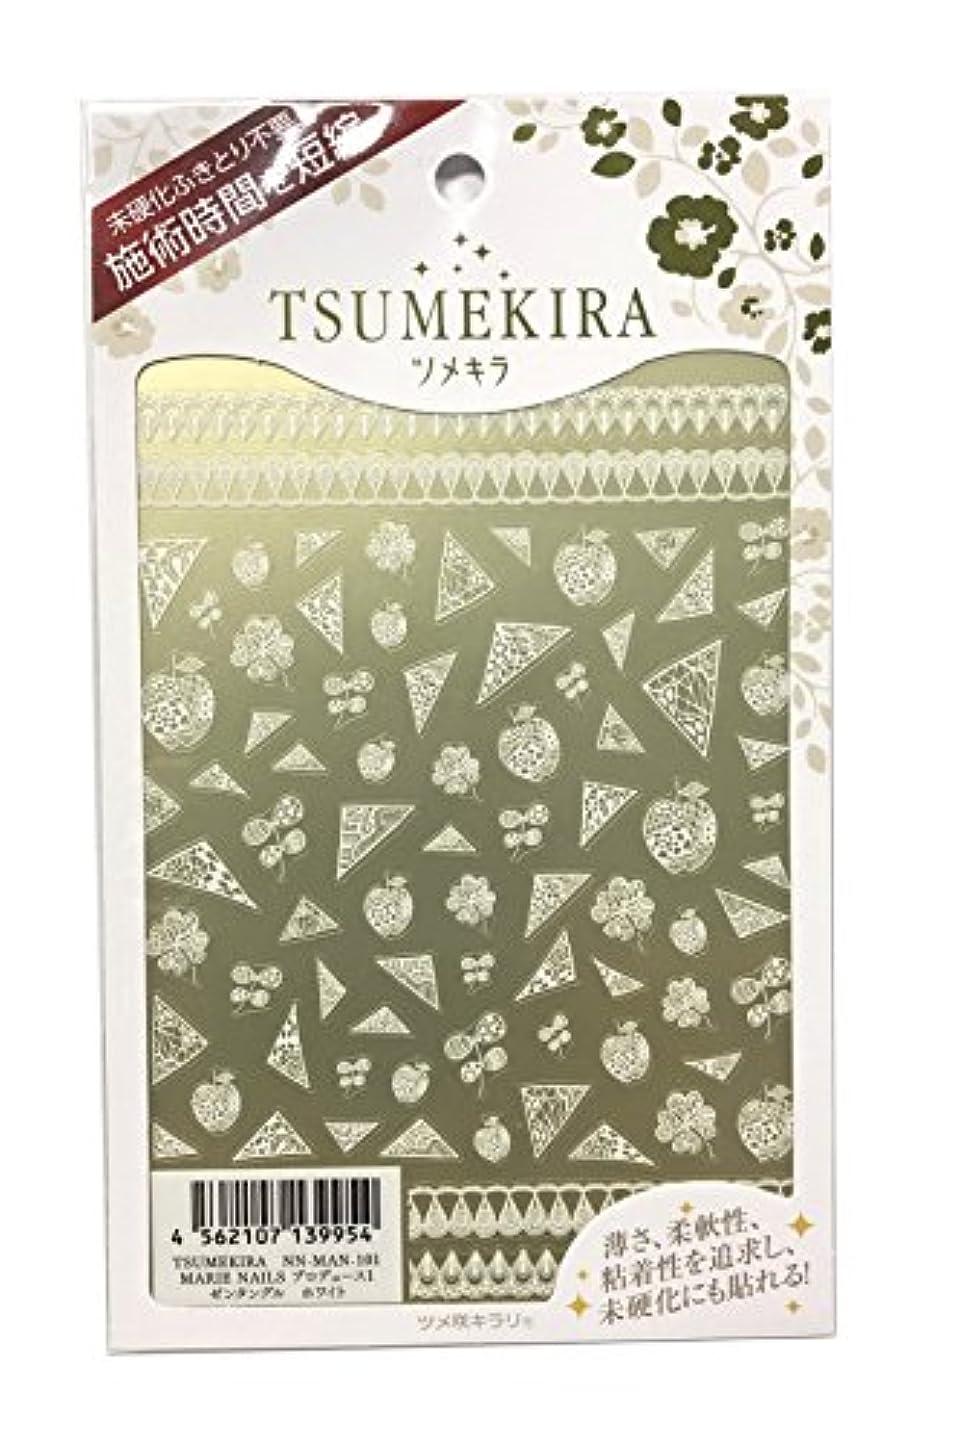 バーガーモーションチームツメキラ(TSUMEKIRA) ネイル用シール ゼンタングル ホワイト NN-MAN-101